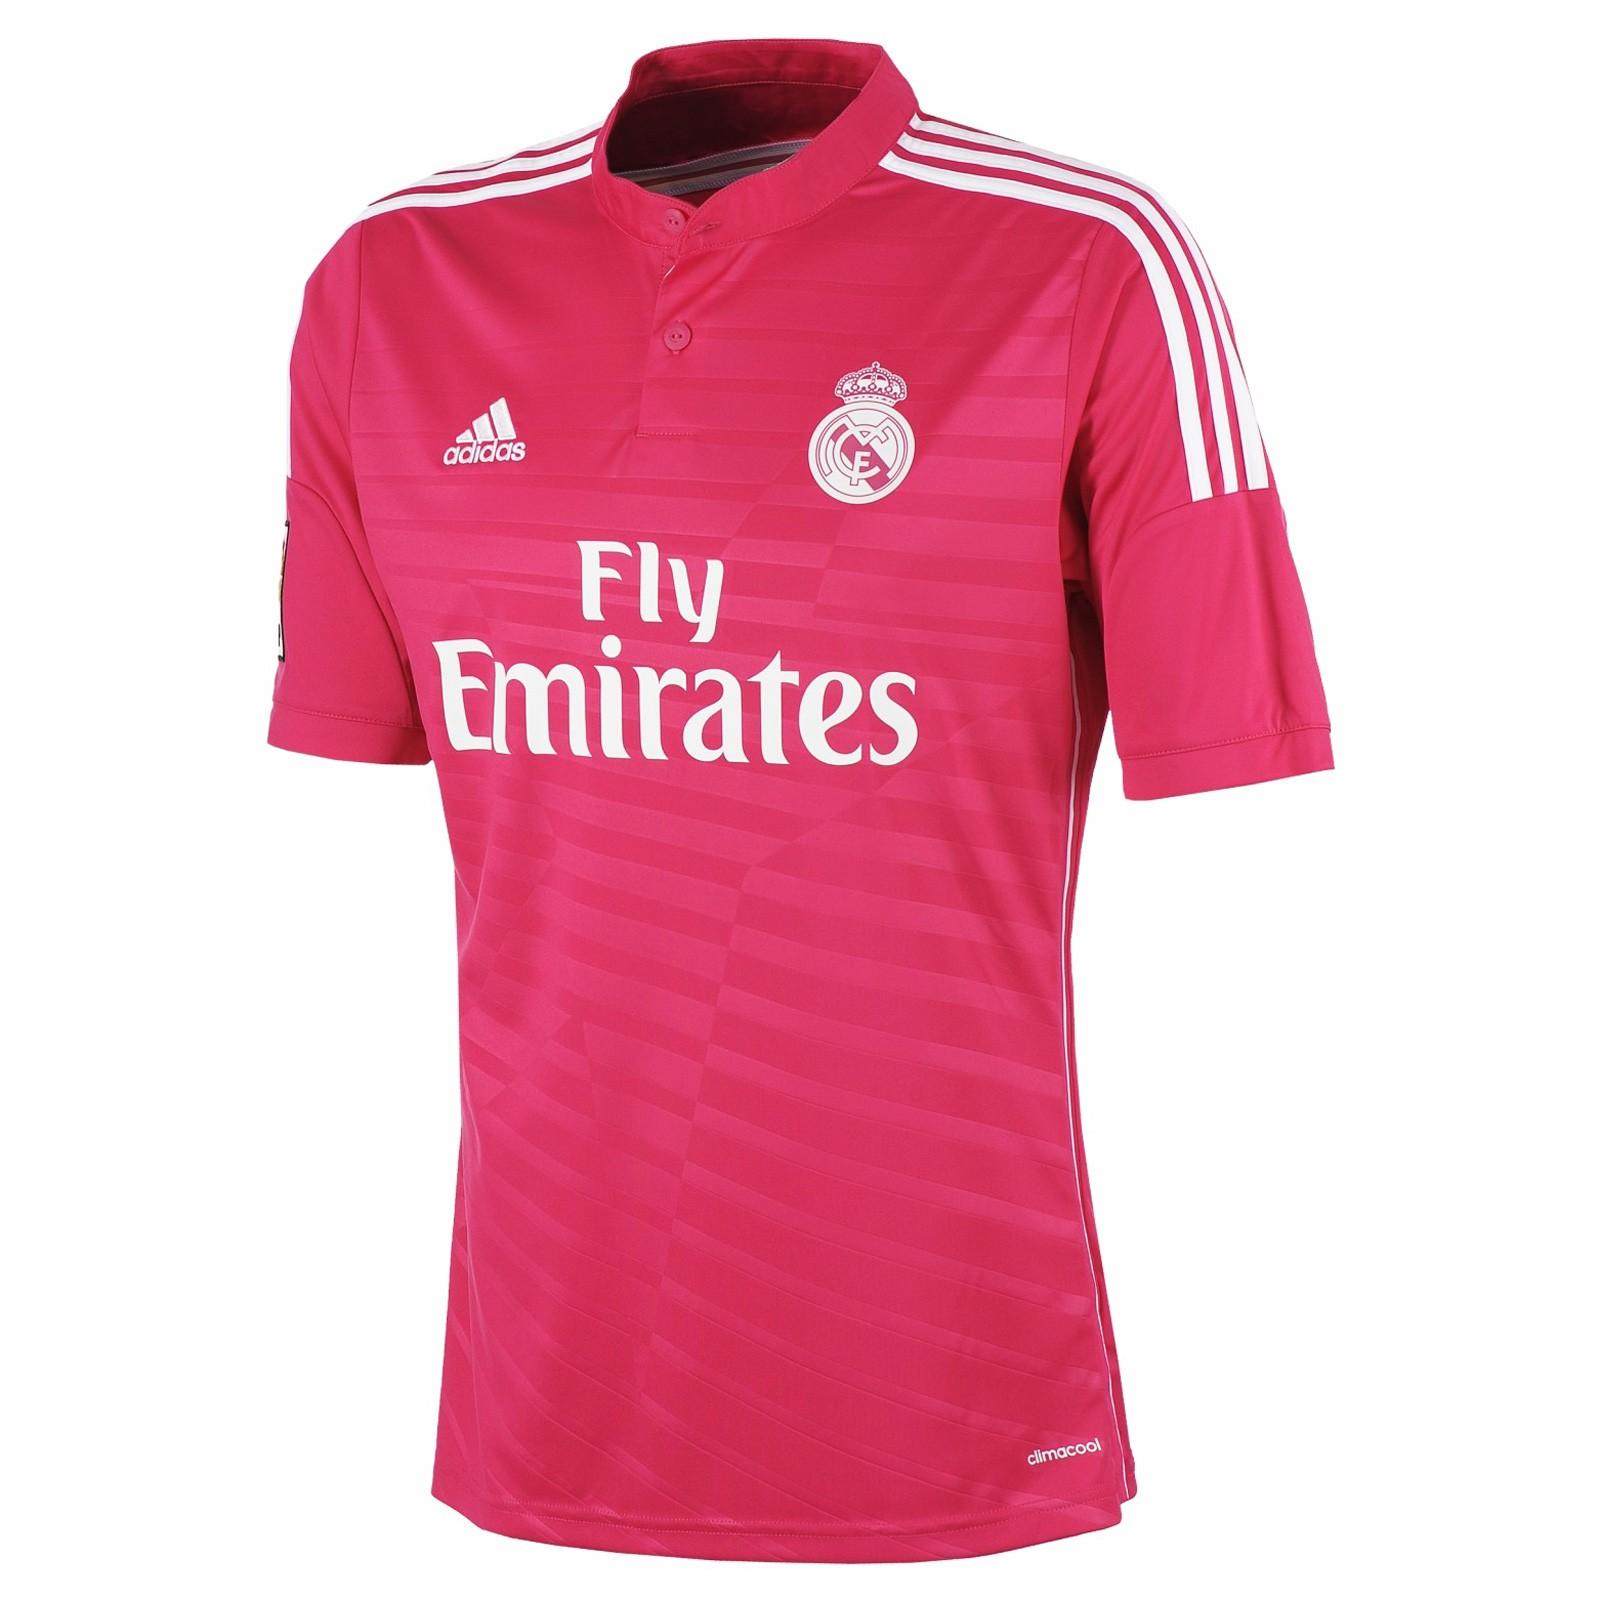 皇家马德里2014-15赛季球迷版客场球衣